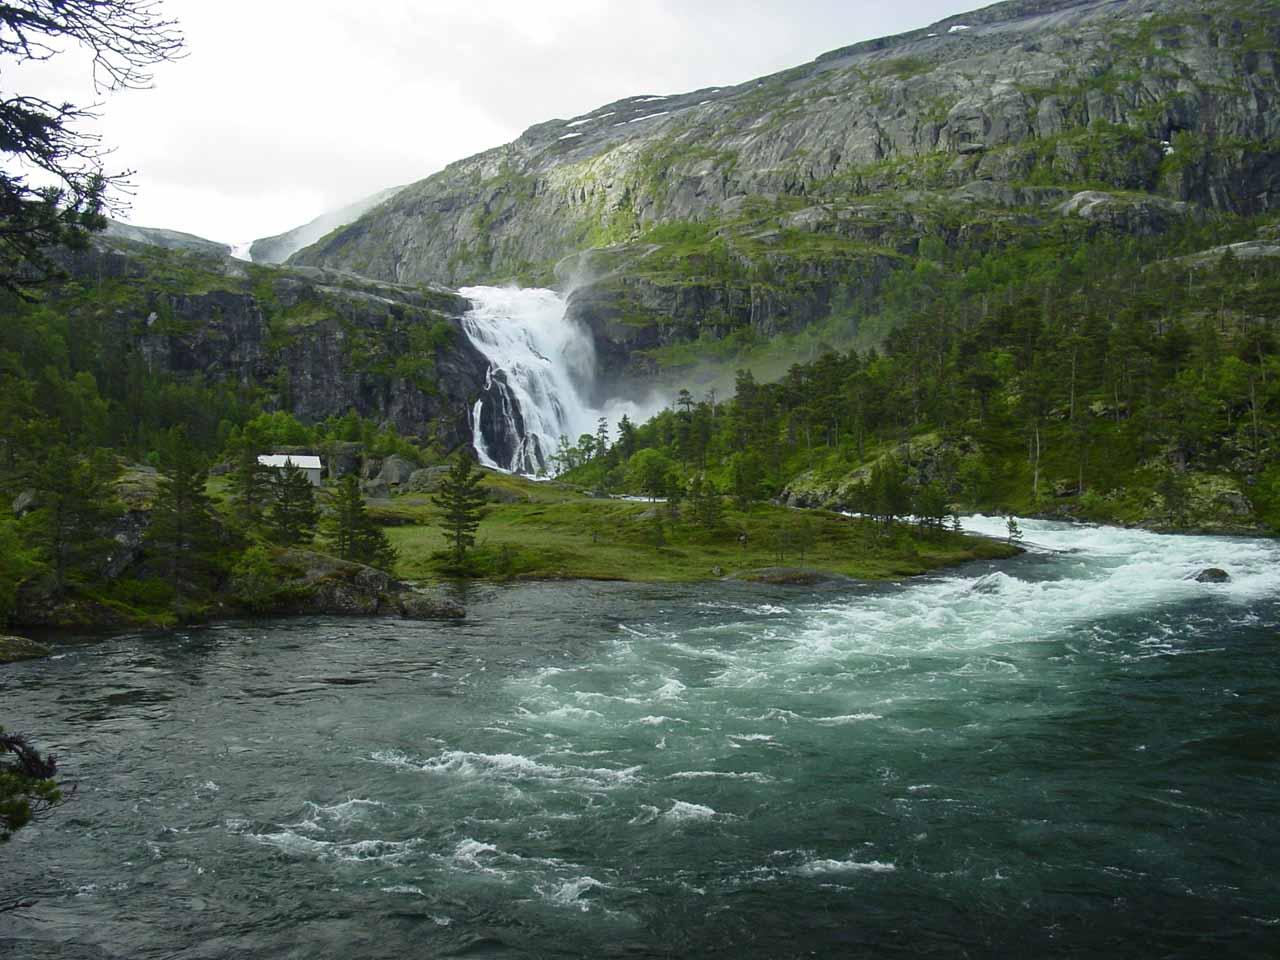 Alongside the Kinso River looking ahead at Nykkjesøyfossen